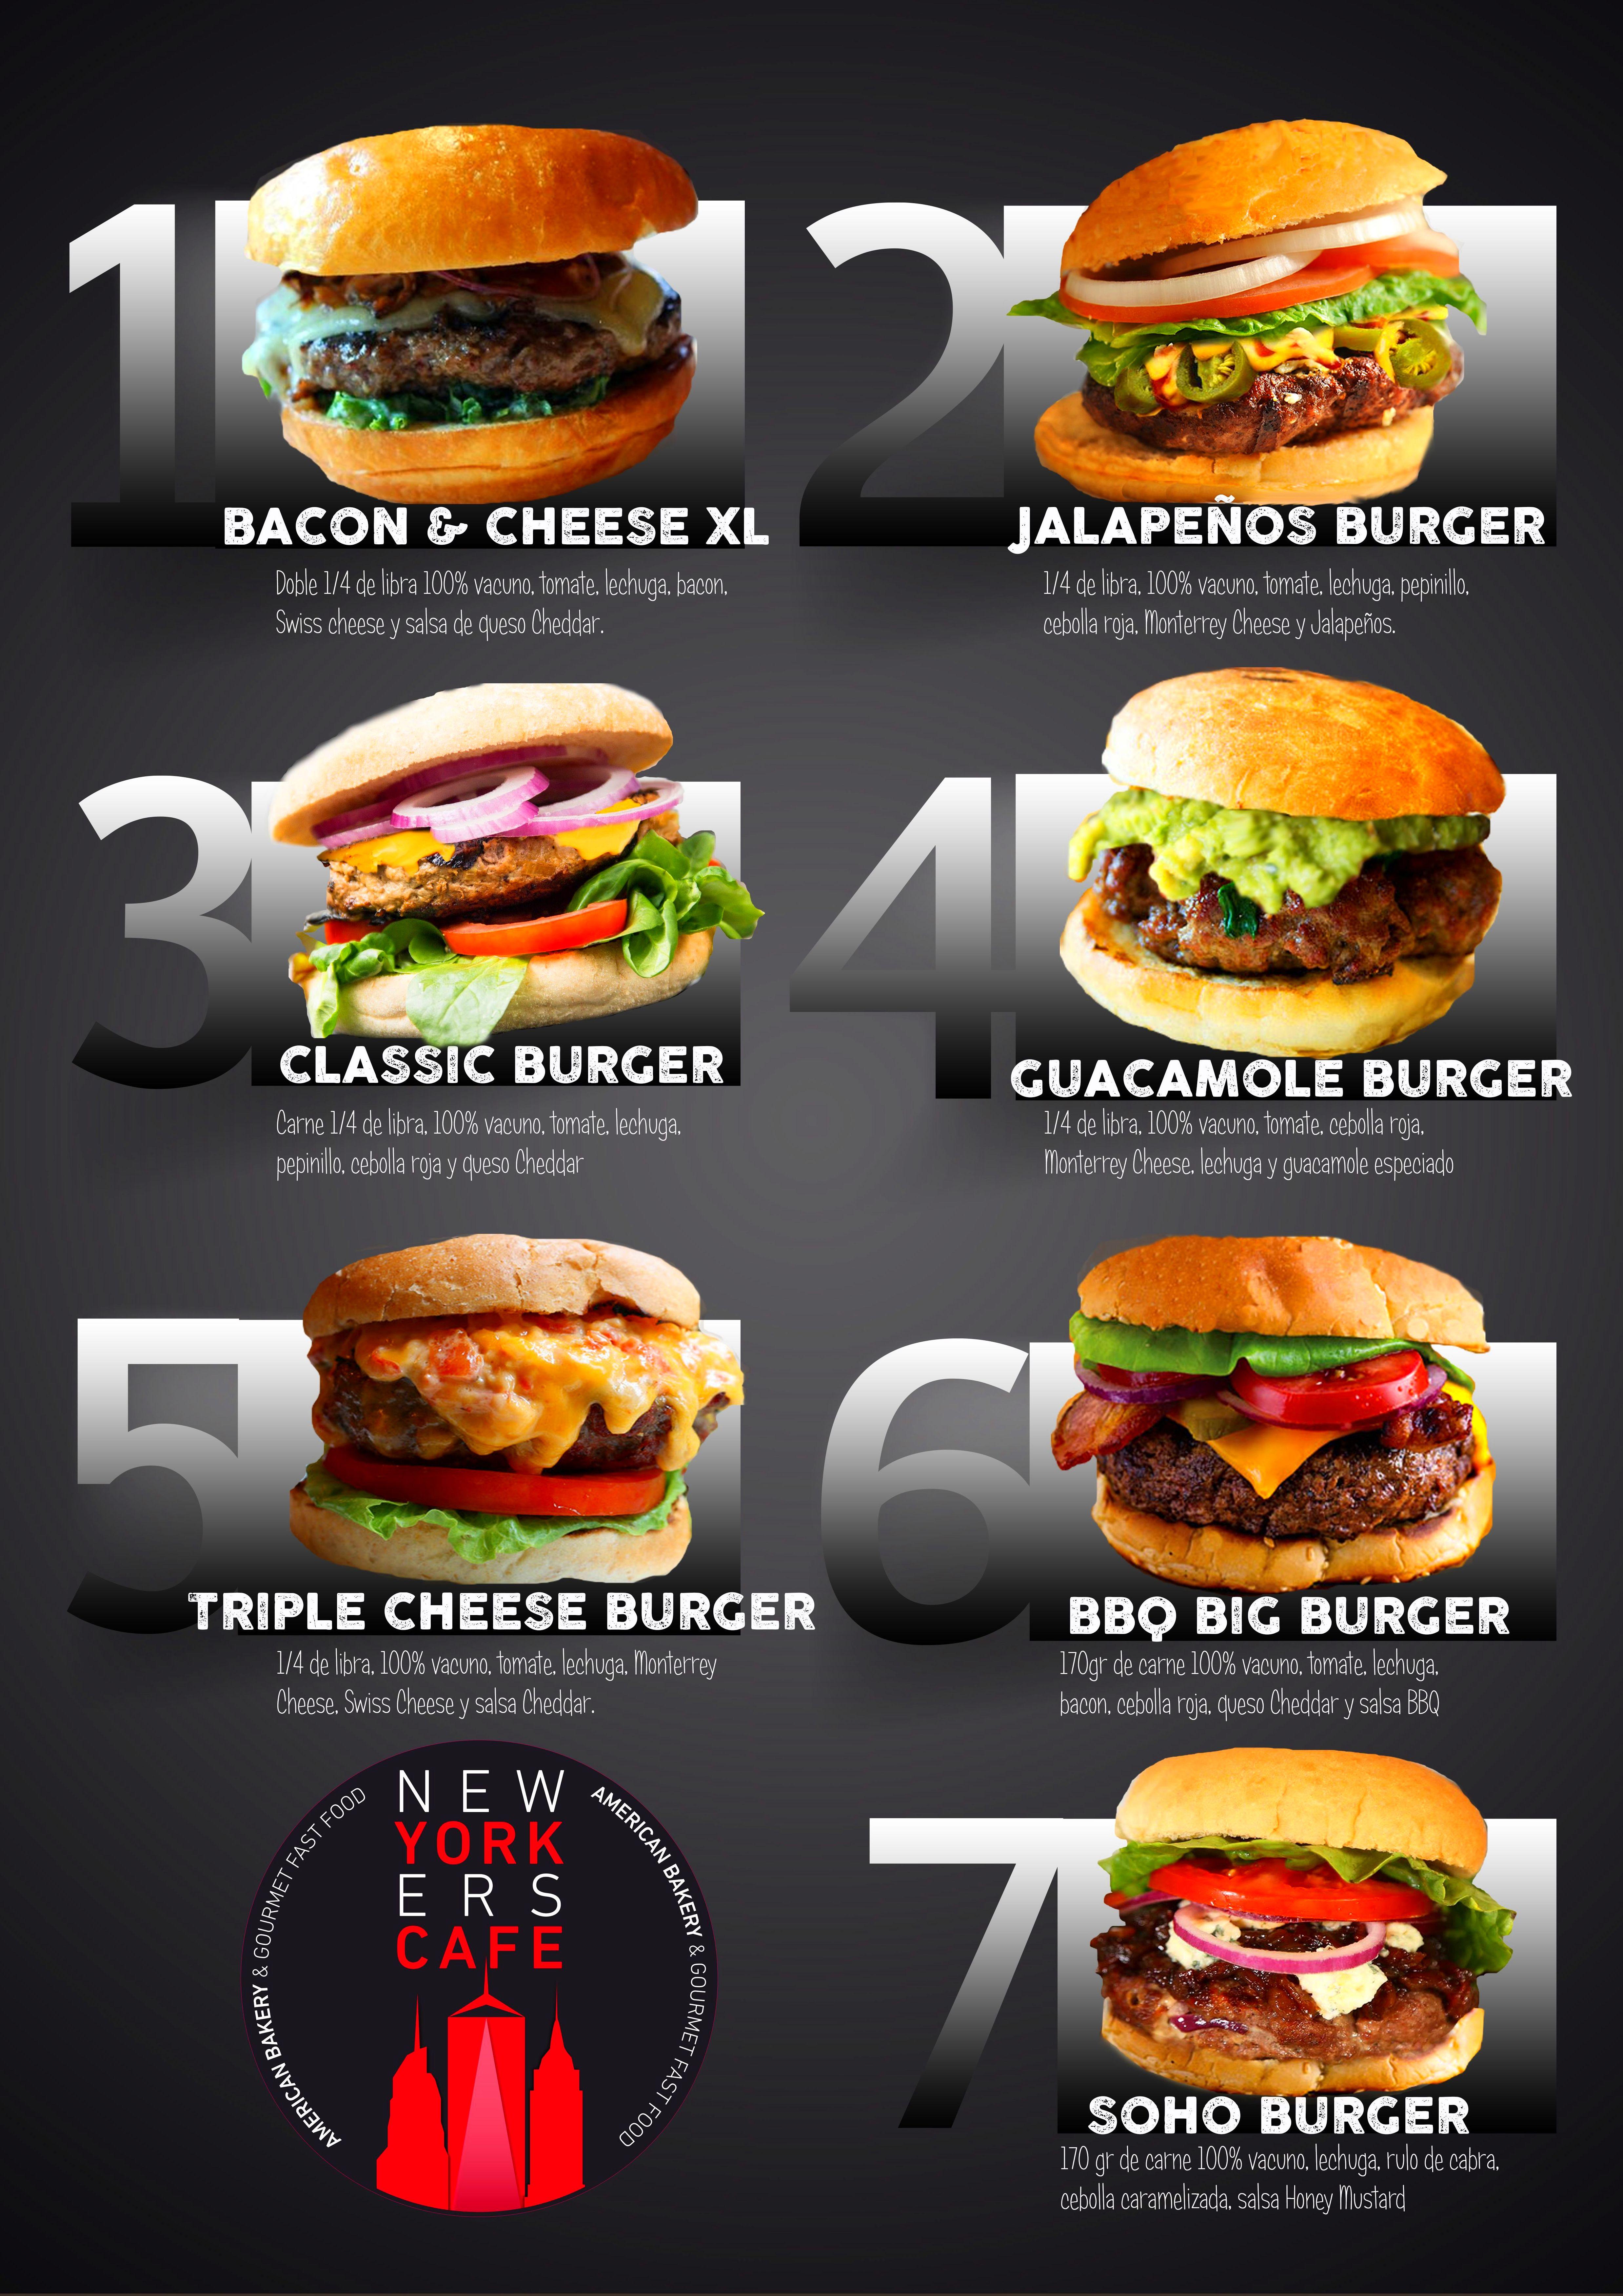 Burgers: Carta de Newyorkers Café